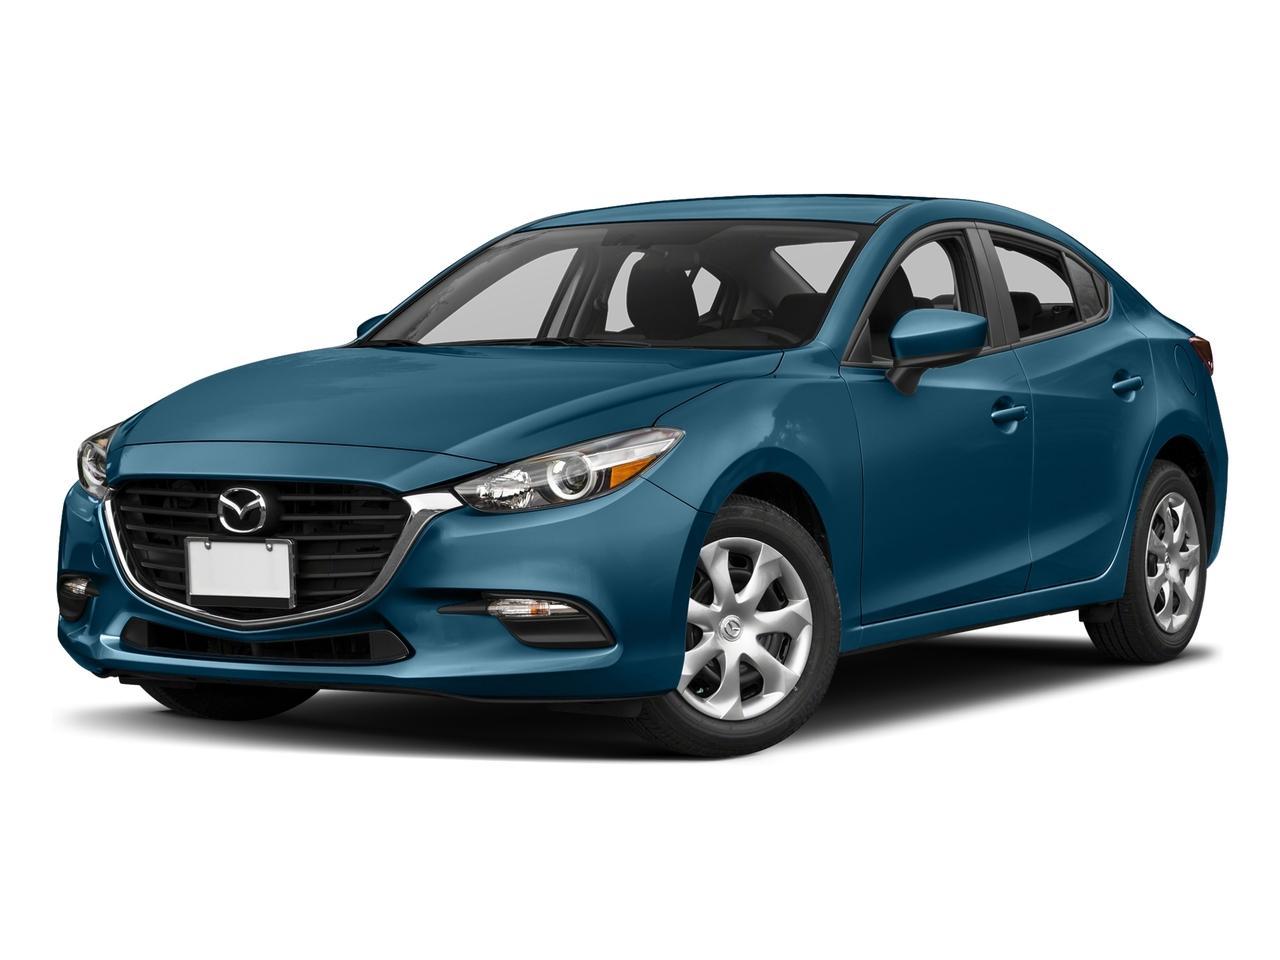 2017 Mazda Mazda3 4-Door Vehicle Photo in Merriam, KS 66203